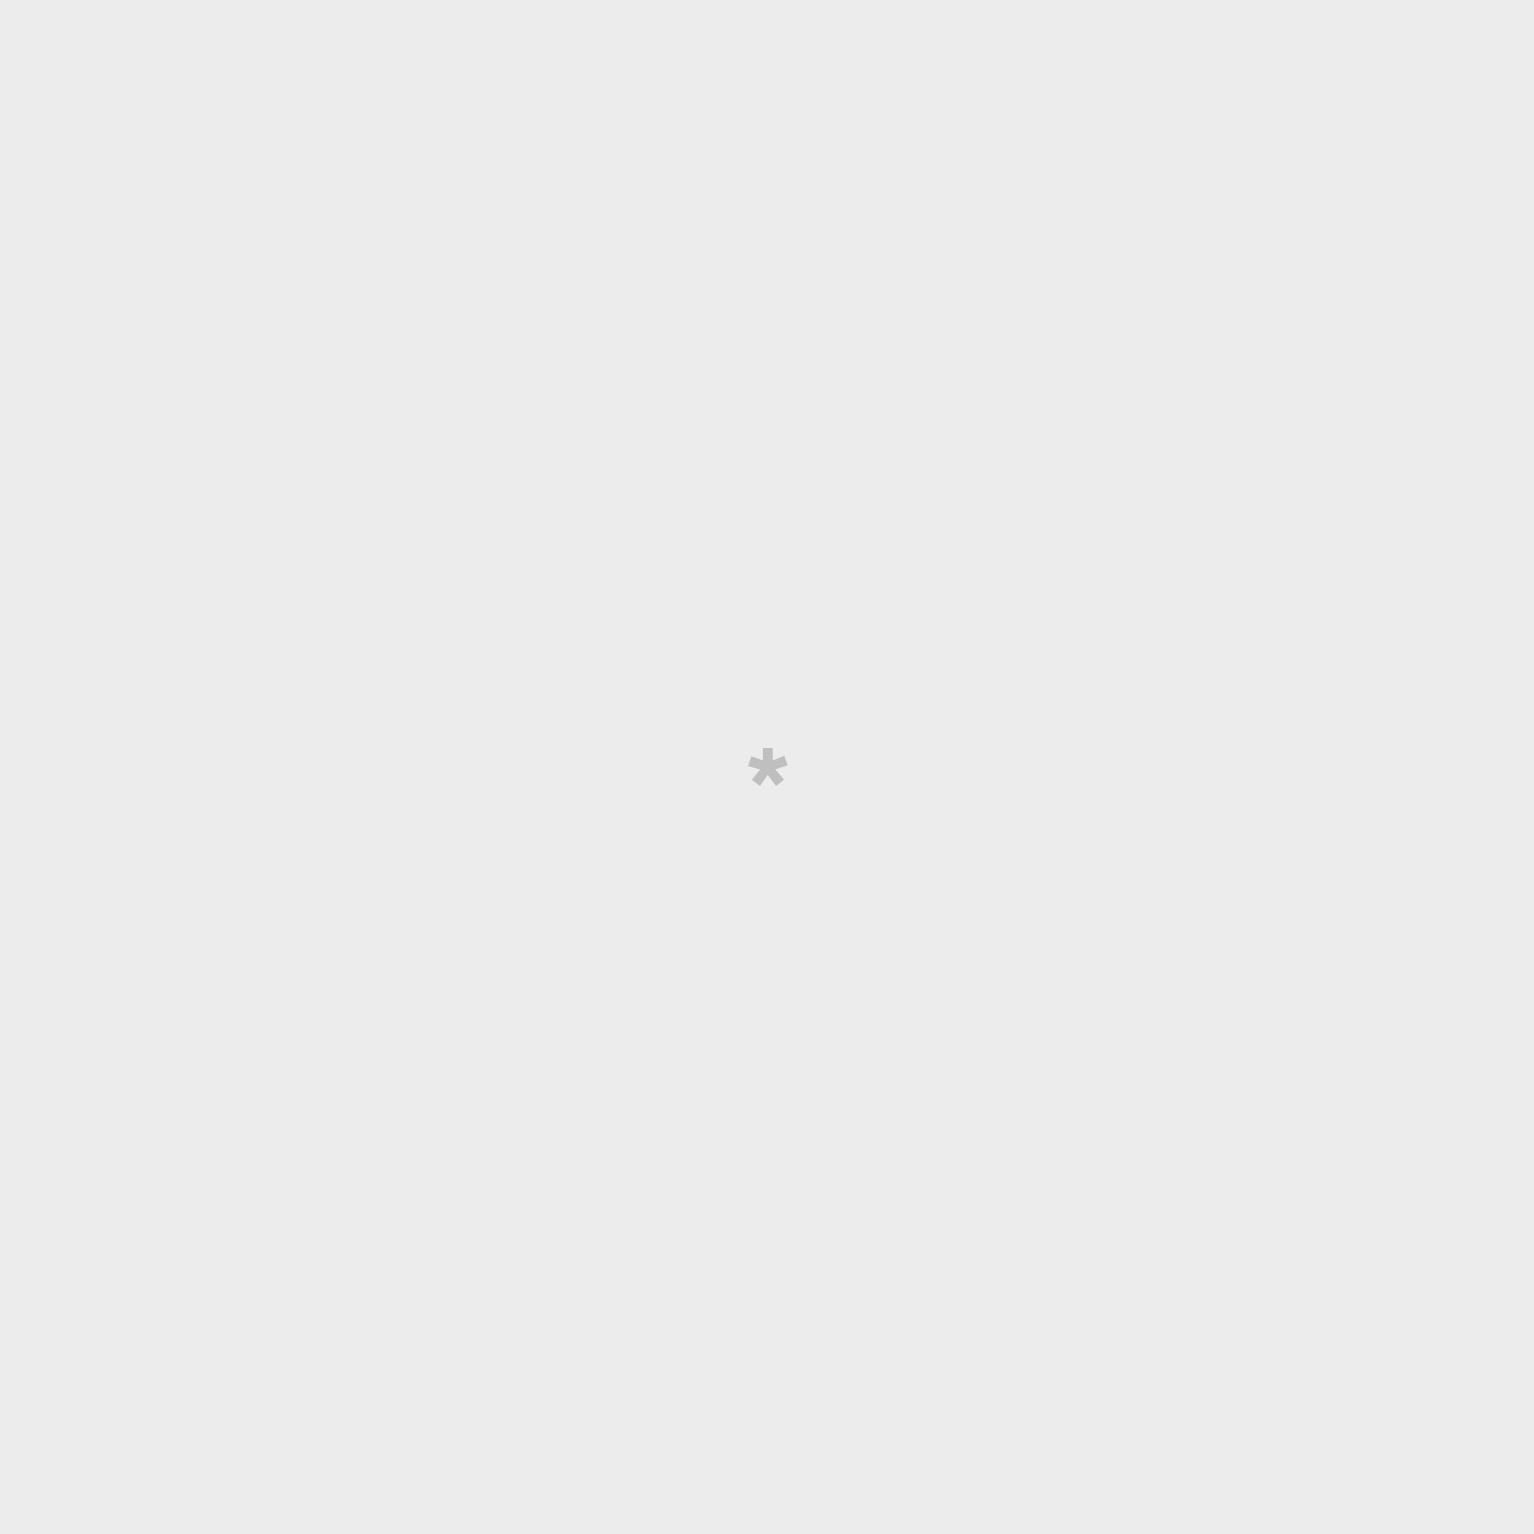 Organizador semanal para lograr todo lo que te hace soñar